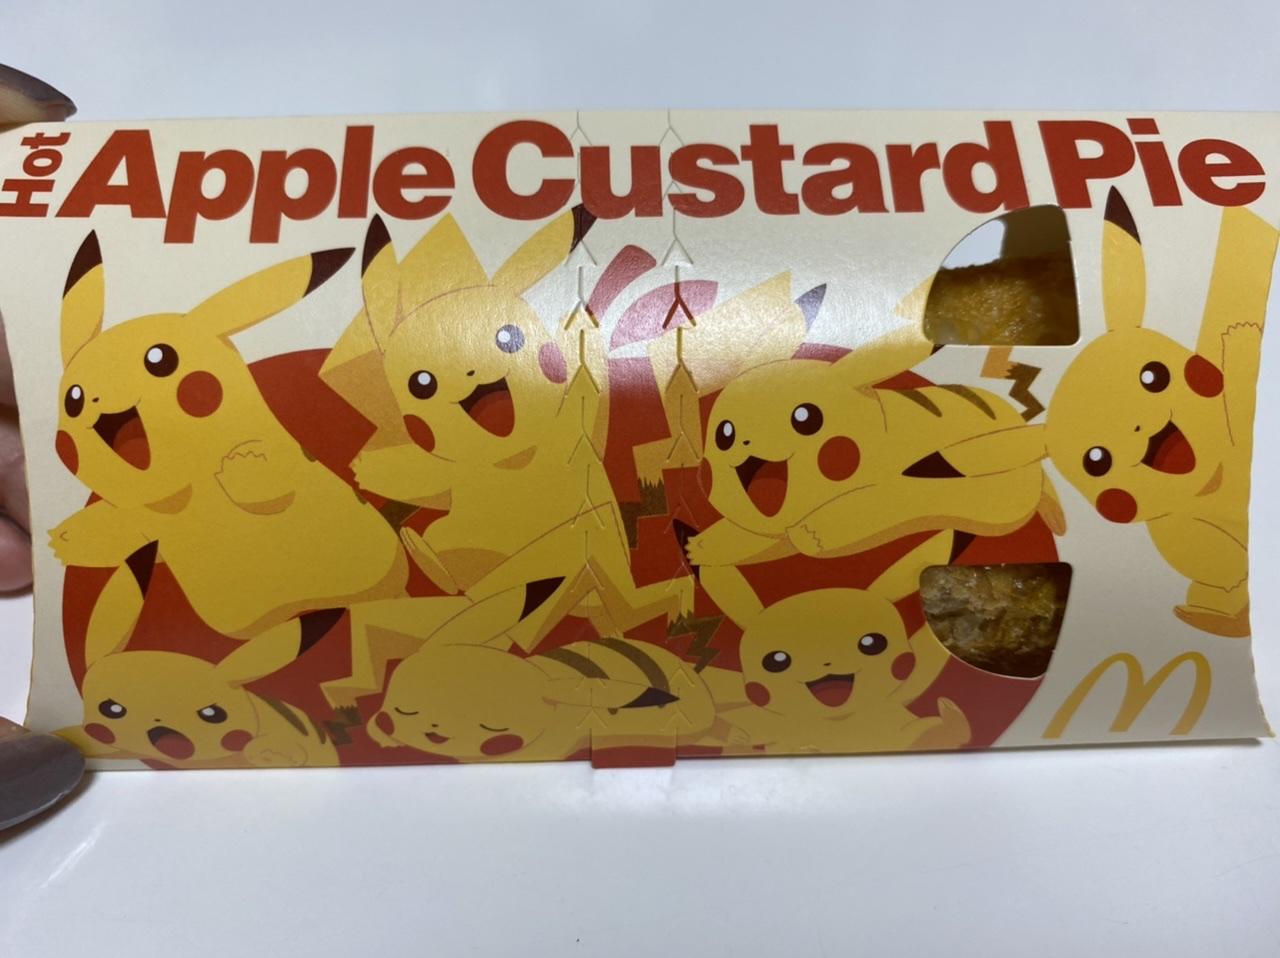 【マック】かわいすぎるヴィンテージなパッケージ♡ポケモンとコラボのアップルカスタードパイ必見!_2